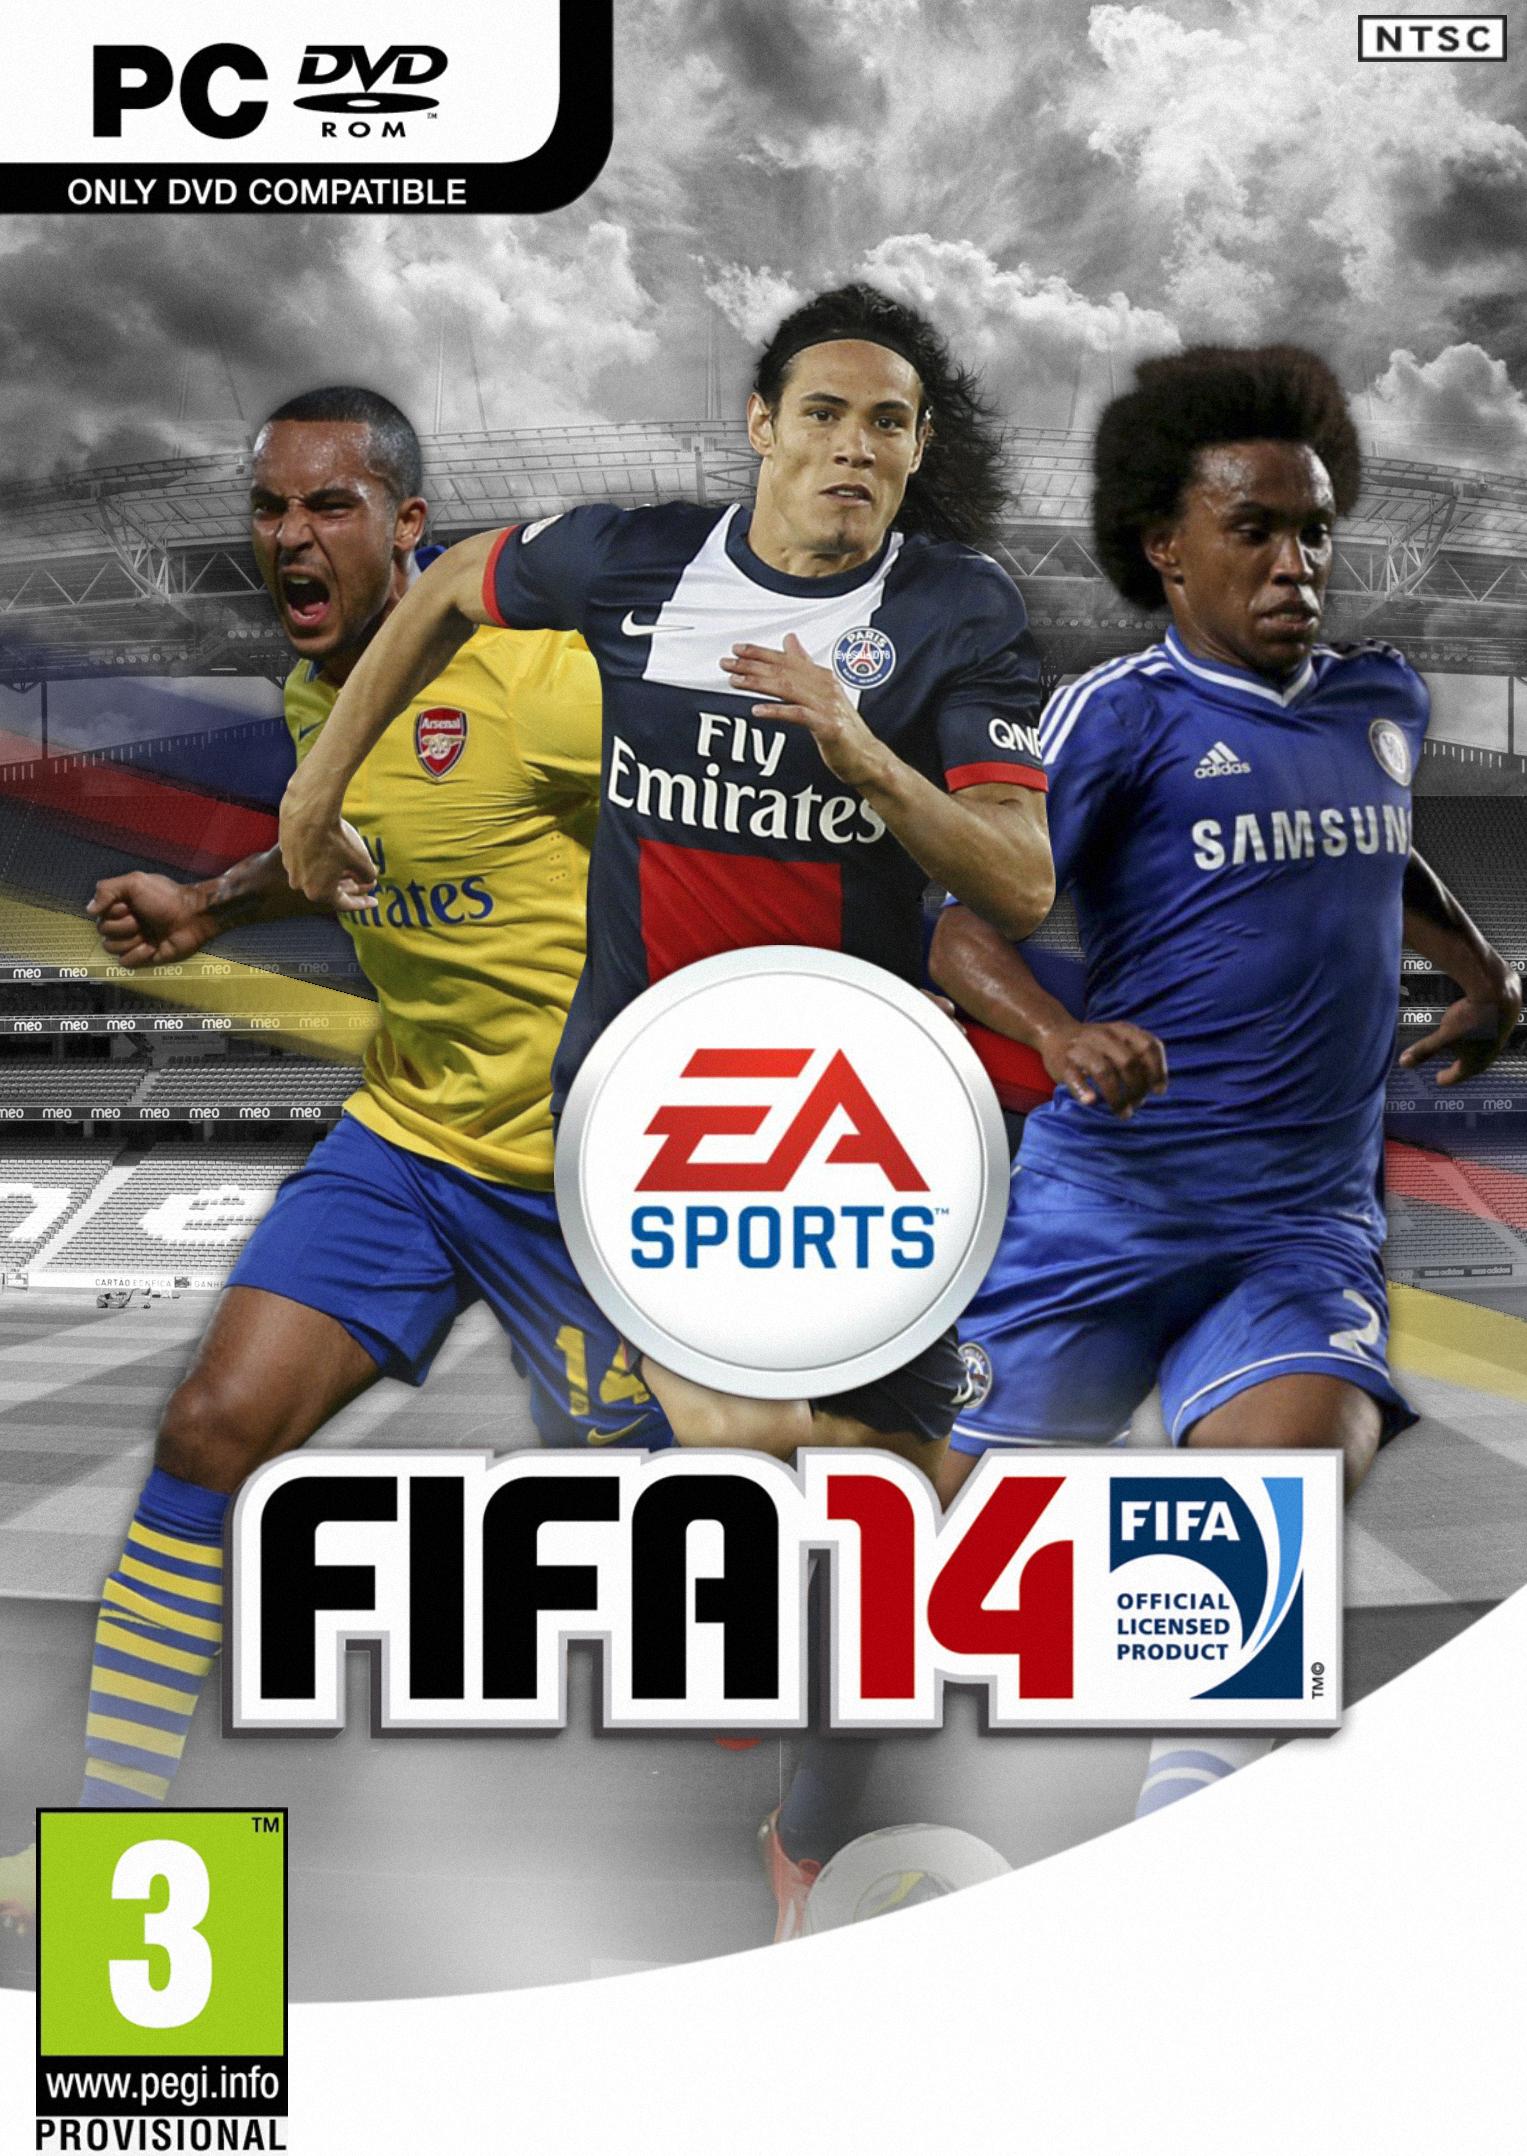 FIFA 14 Патчи | скачать бесплатно и через торрент